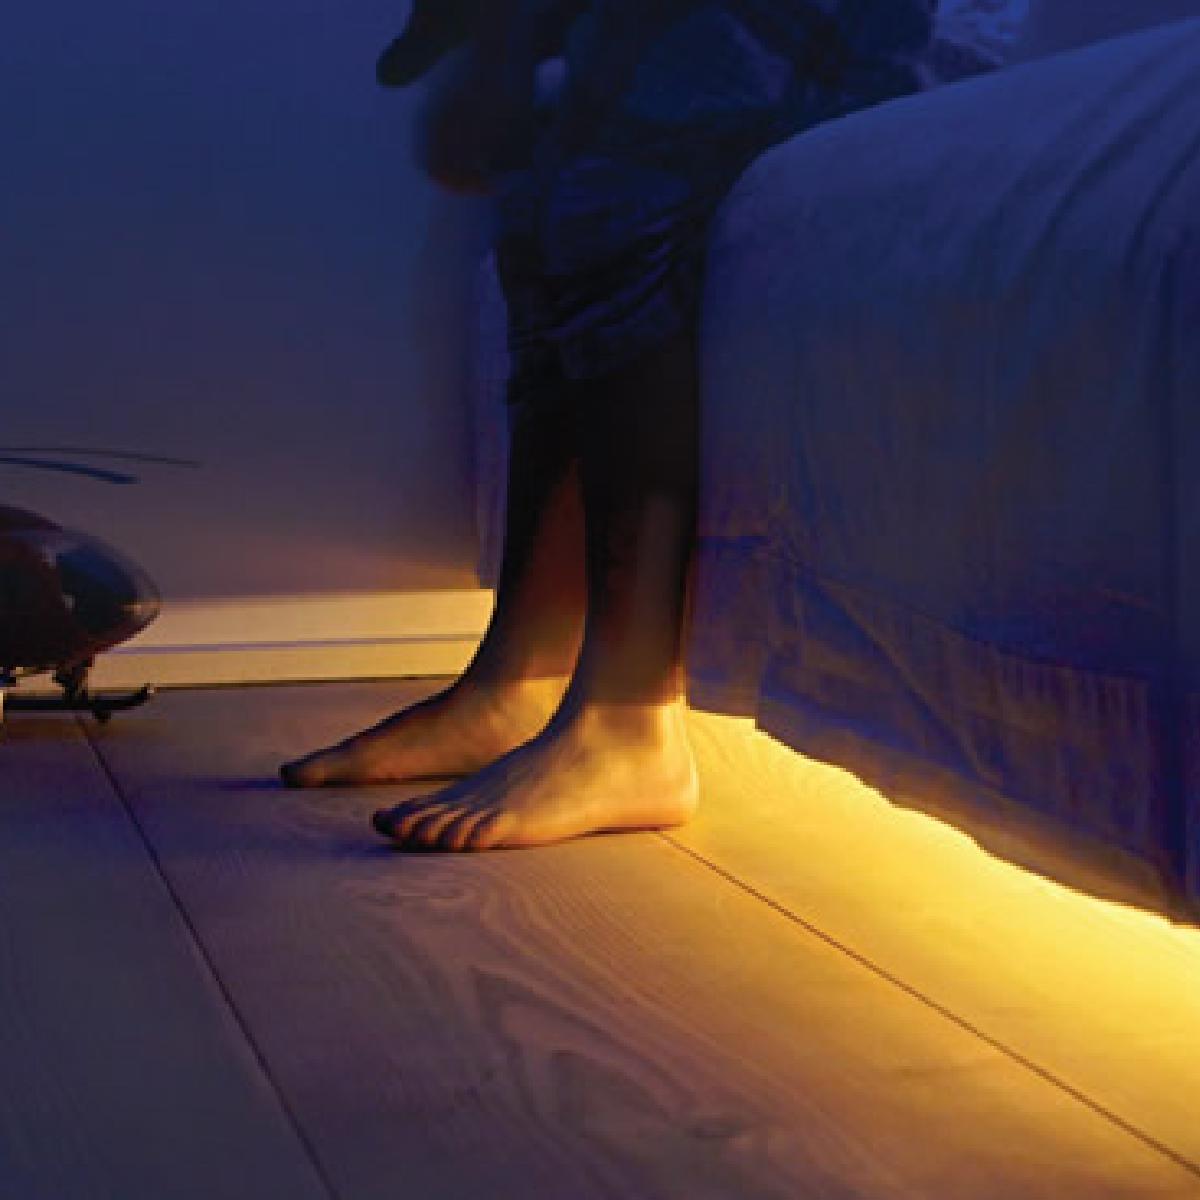 Cadeaux 2 ouf id es de cadeaux insolites et originaux une lumi re sous le lit - Lumiere sous meuble de cuisine ...